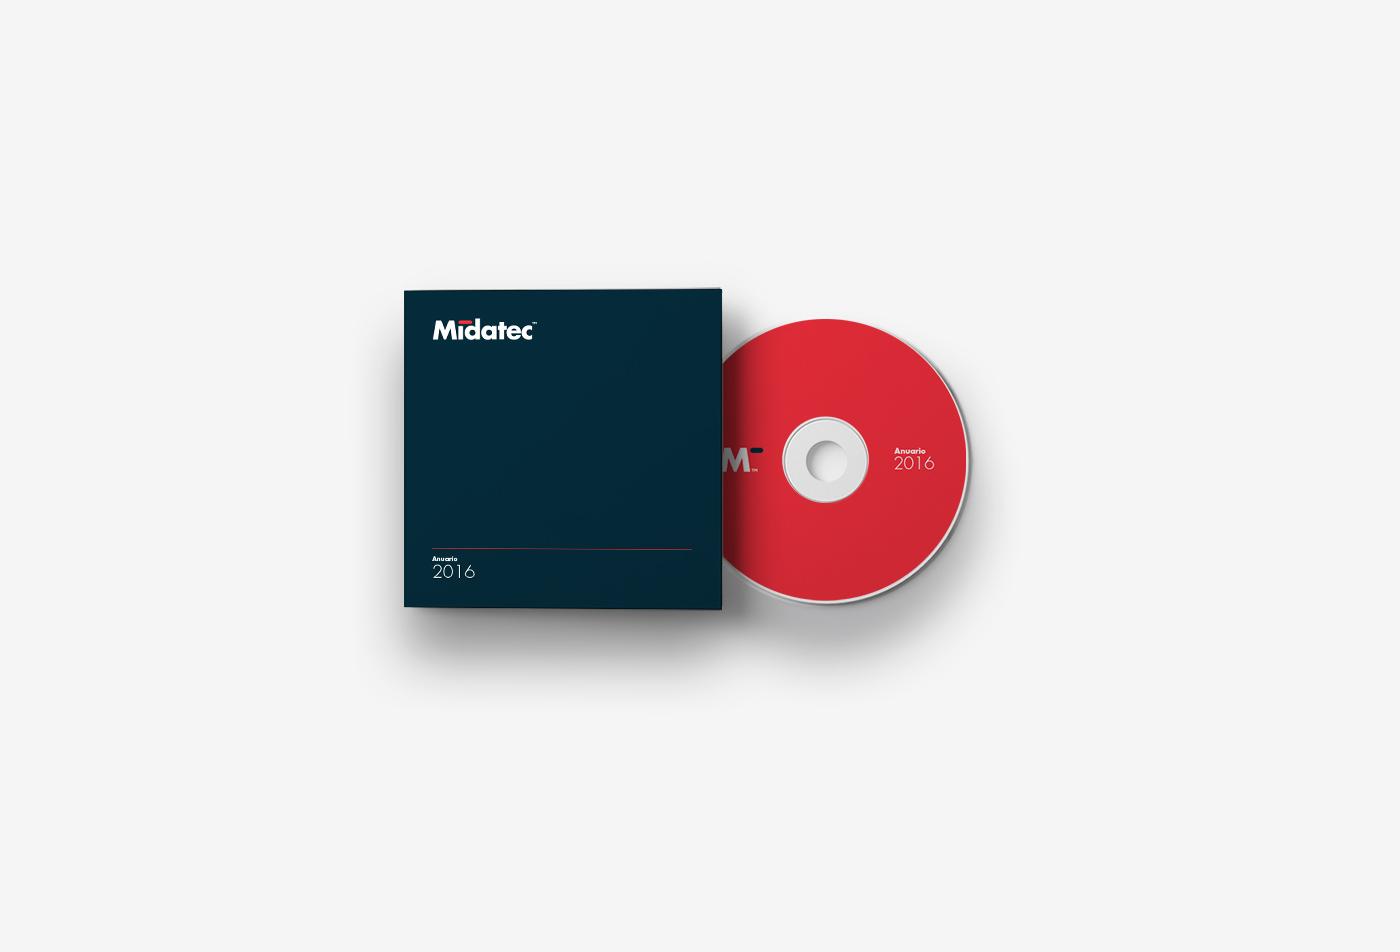 Diseño de identidad corporativa para empresa tecnológica - Diseño de papelería corporativa Midatec - Estudio de diseño Valencia Pixelarte